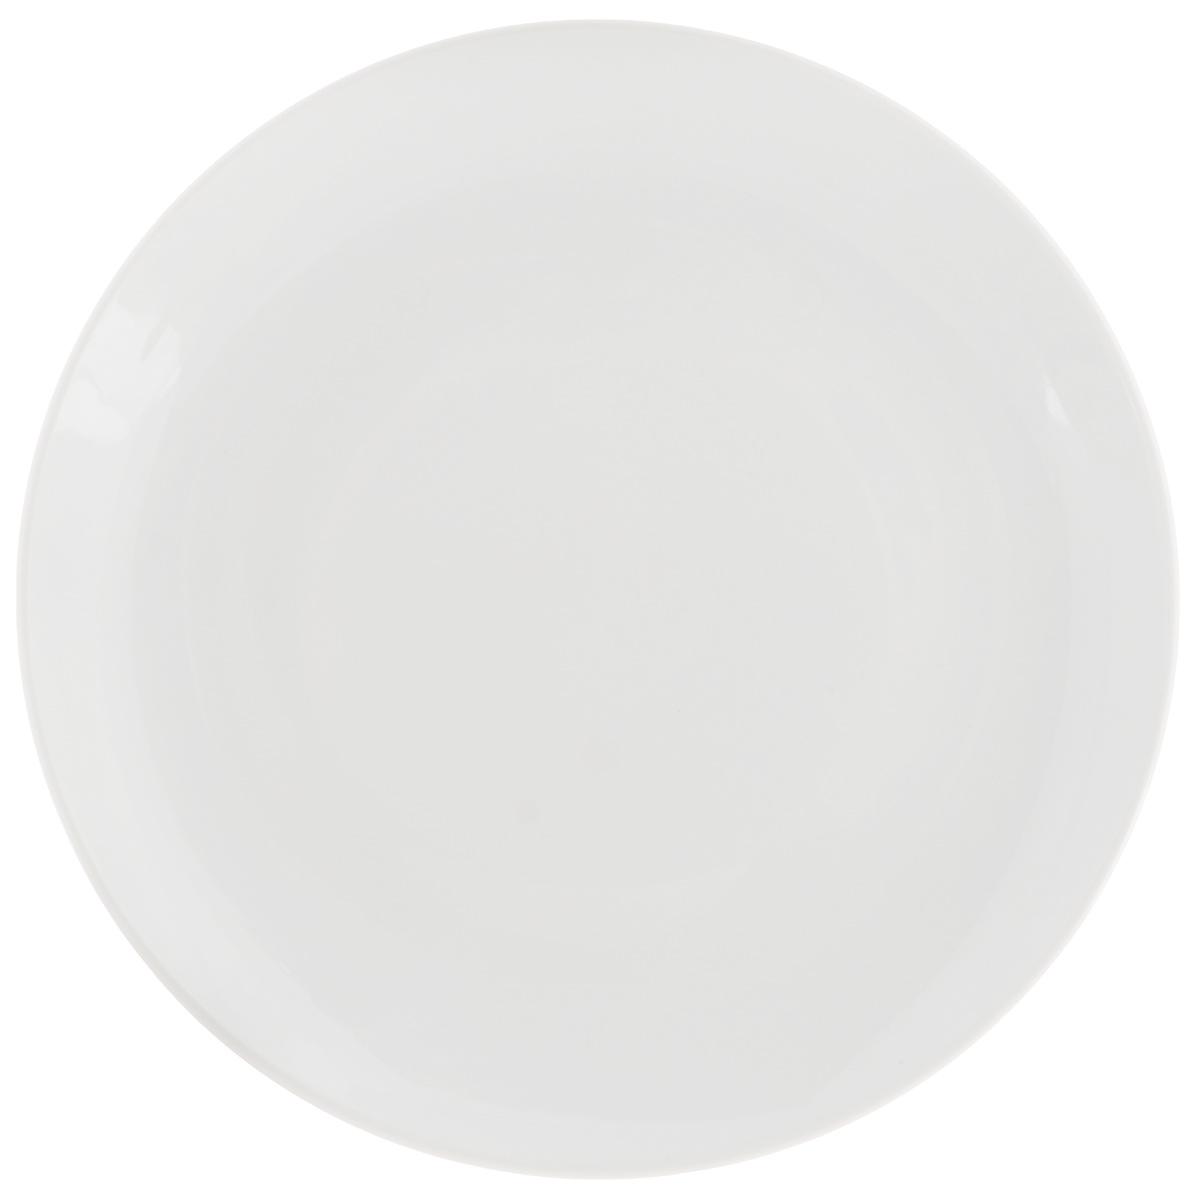 Тарелка десертная Фарфор Вербилок, диаметр 19 см115510Десертная тарелка Фарфор Вербилок, изготовленная из фарфора. Такая тарелка прекрасно подходит как для торжественных случаев, так и для повседневного использования. Идеальна для подачи десертов, пирожных, тортов и многого другого. Она прекрасно оформит стол и станет отличным дополнением к вашей коллекции кухонной посуды. Диаметр тарелки (по верхнему краю): 19 см.